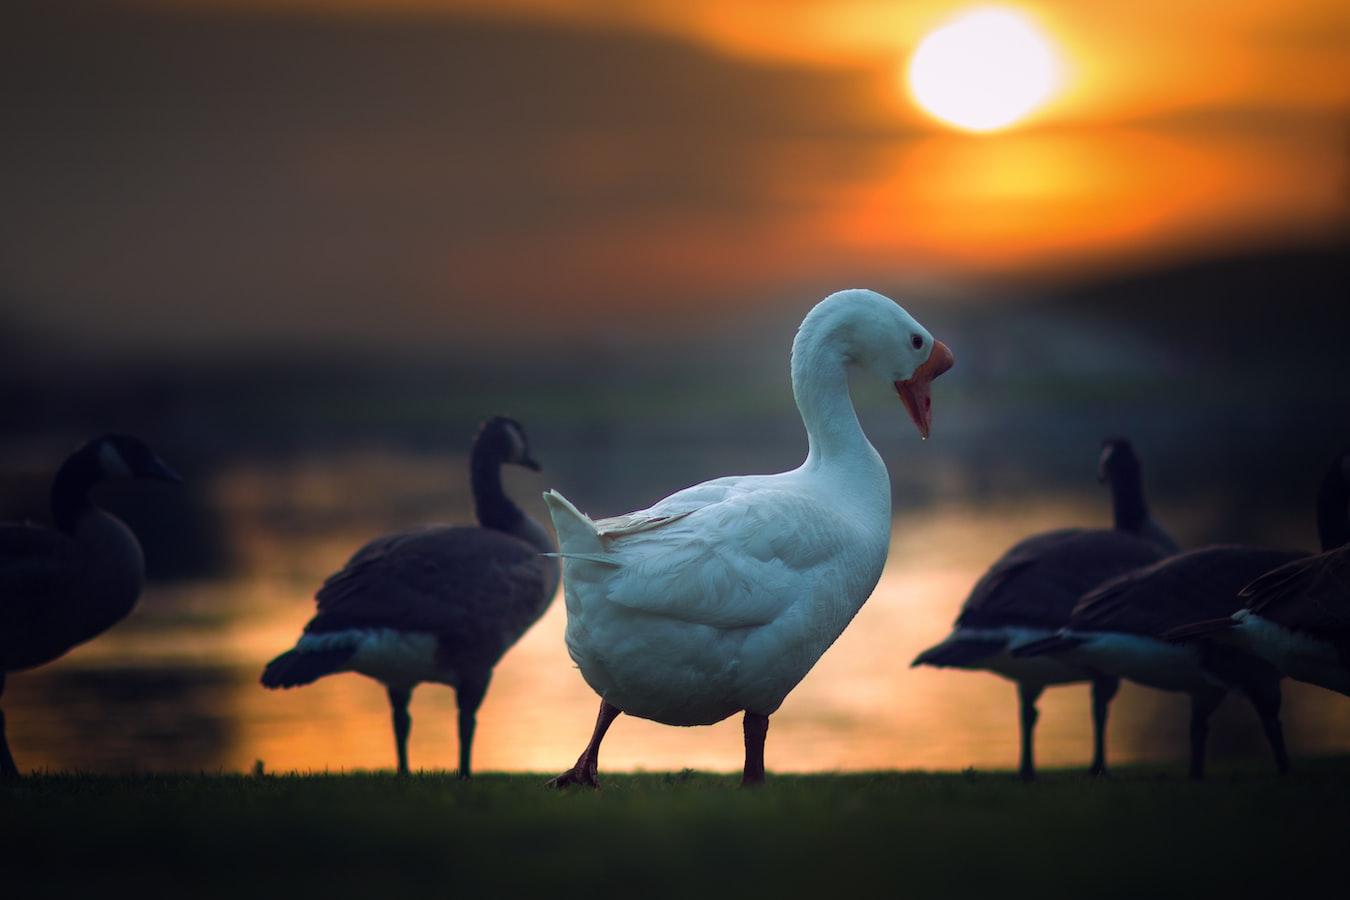 weeder geese